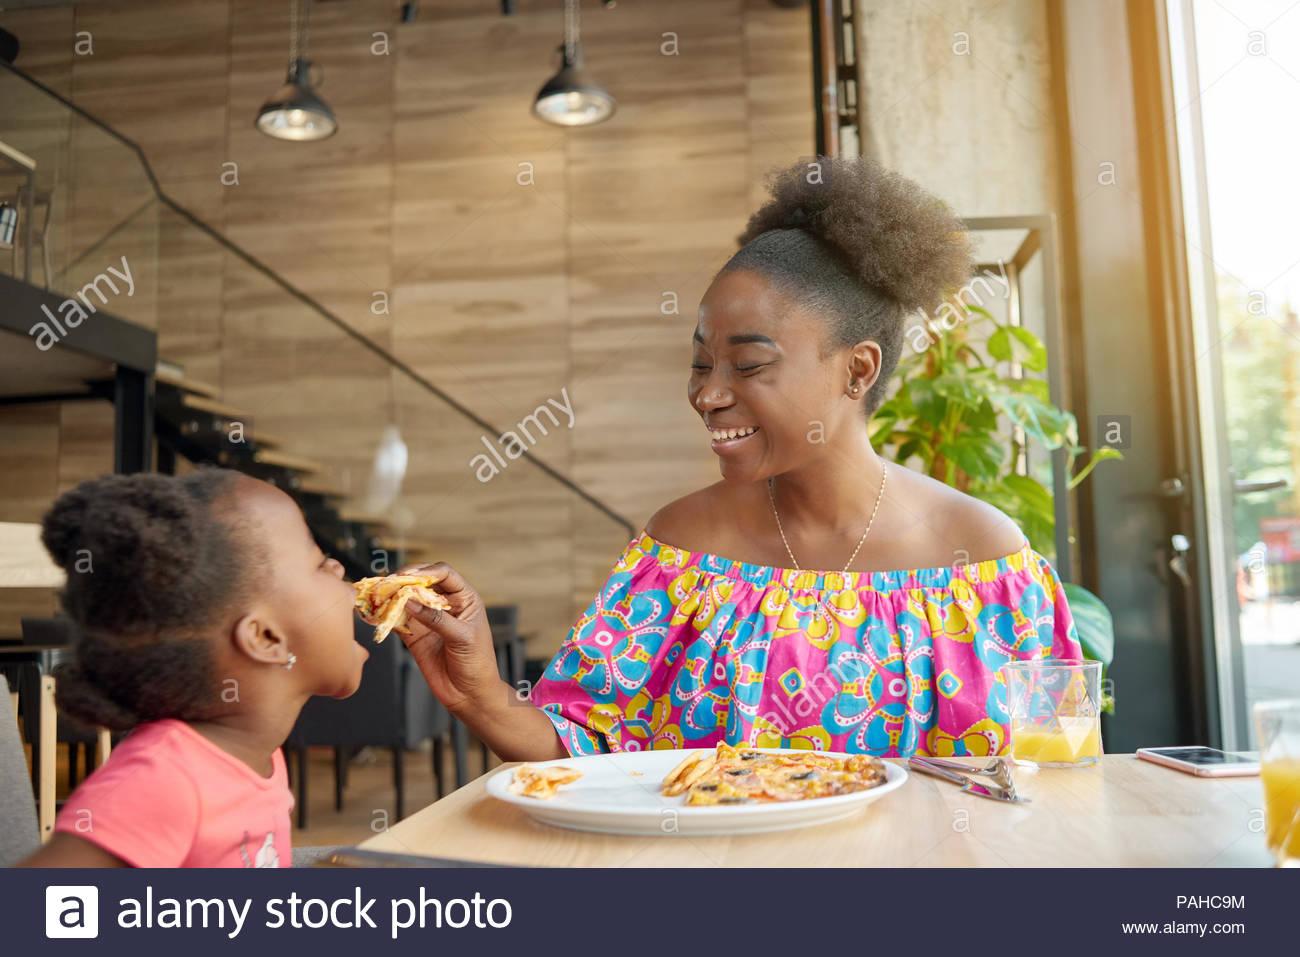 Lachend Mutter füttern Kind leckere Pizza im Loft gestalteten Restaurant. Lächelnd, gute Stimmung, tolle Zeit zusammen, sehr nette Familie. Andere Kunden in's Cafe Hintergrund sitzen. Stockbild